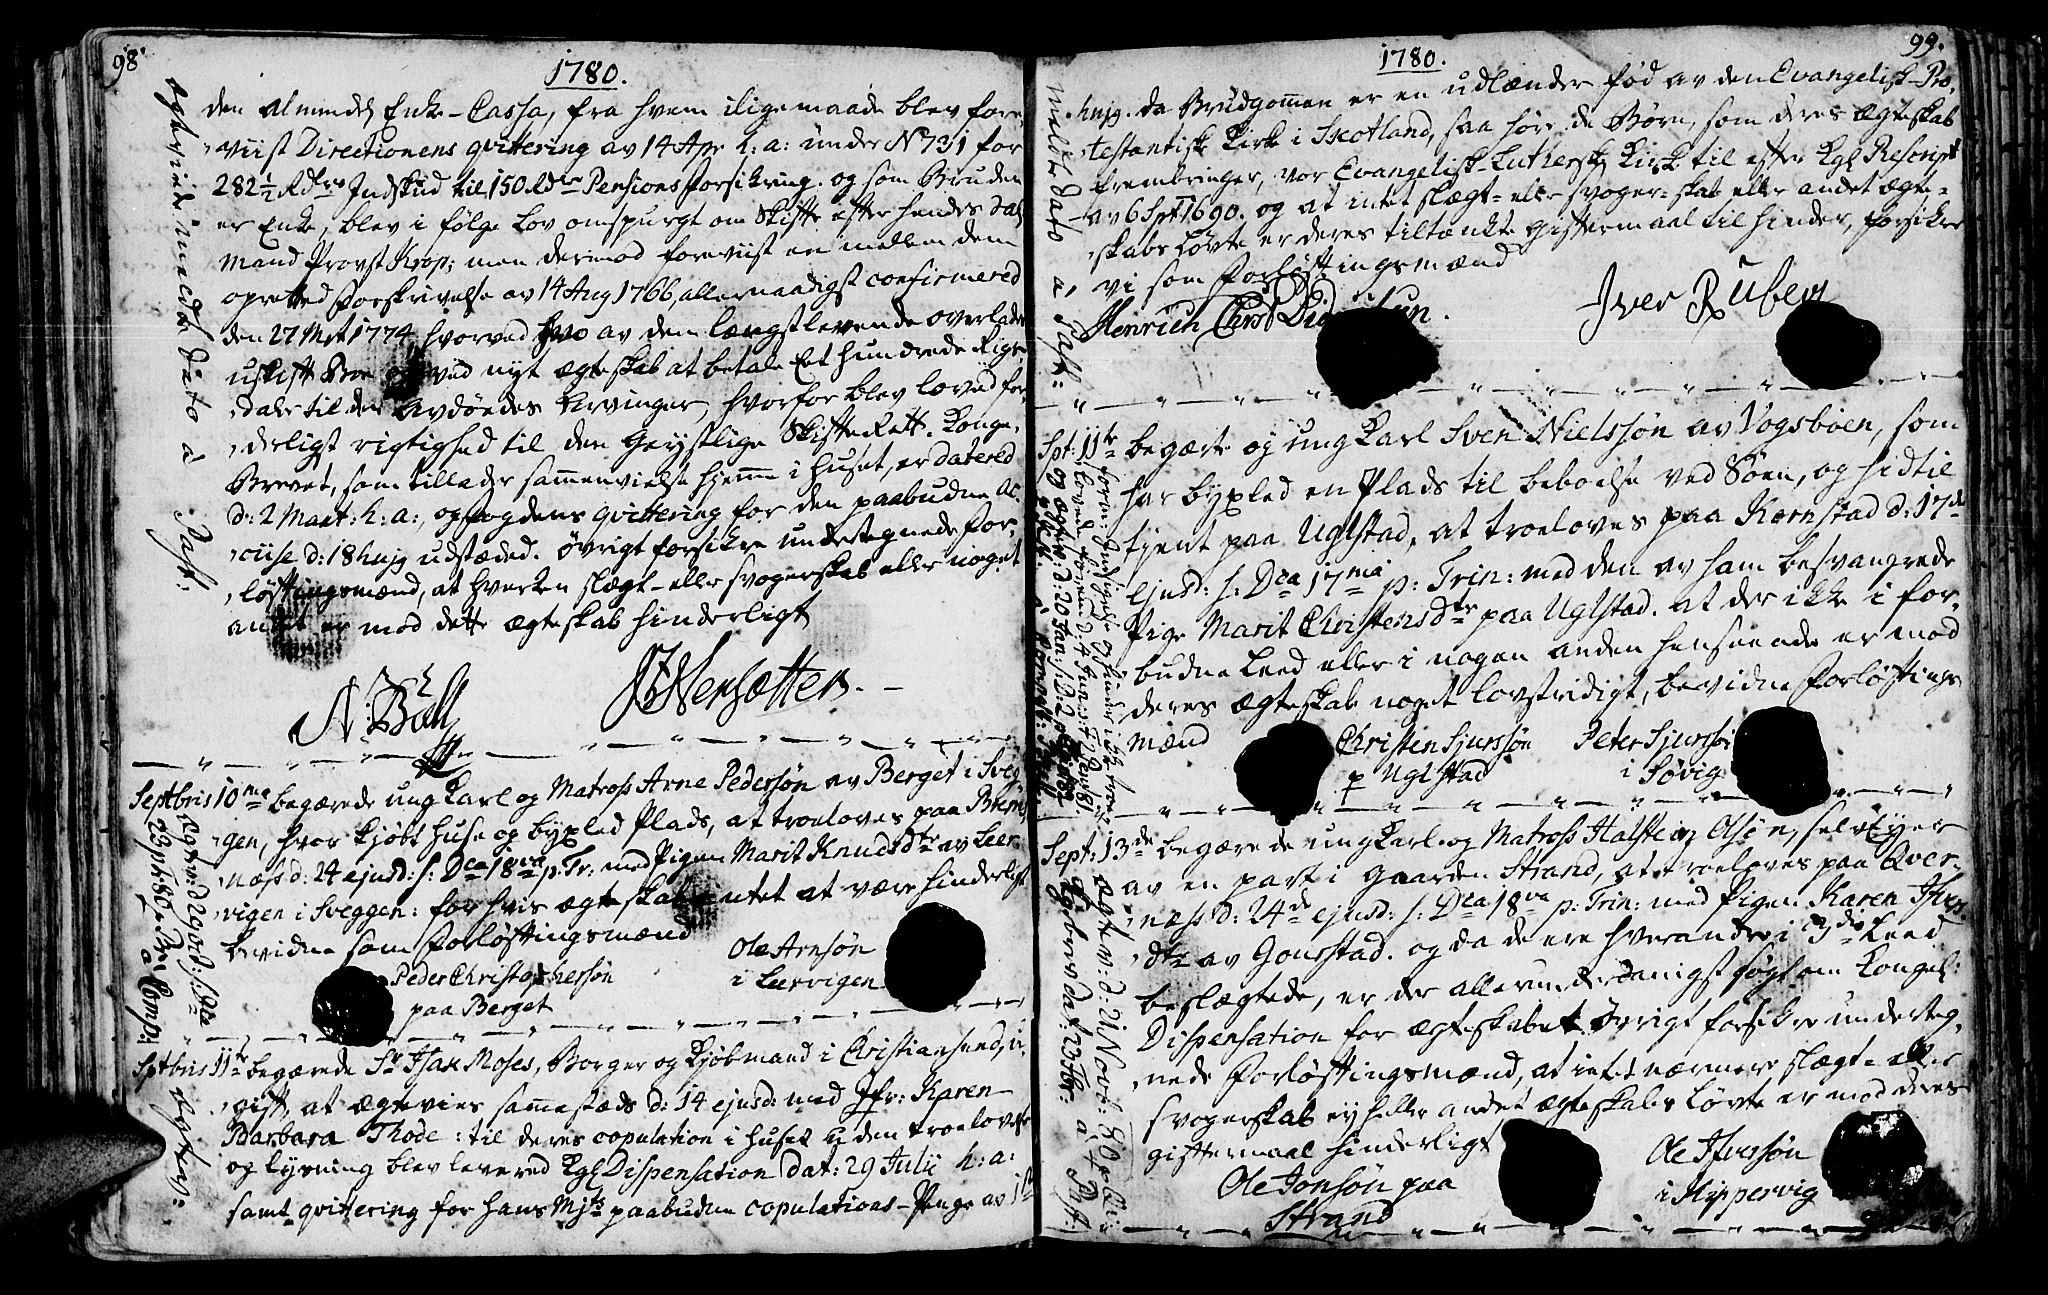 SAT, Ministerialprotokoller, klokkerbøker og fødselsregistre - Møre og Romsdal, 568/L0794: Ministerialbok nr. 568A03, 1764-1801, s. 98-99